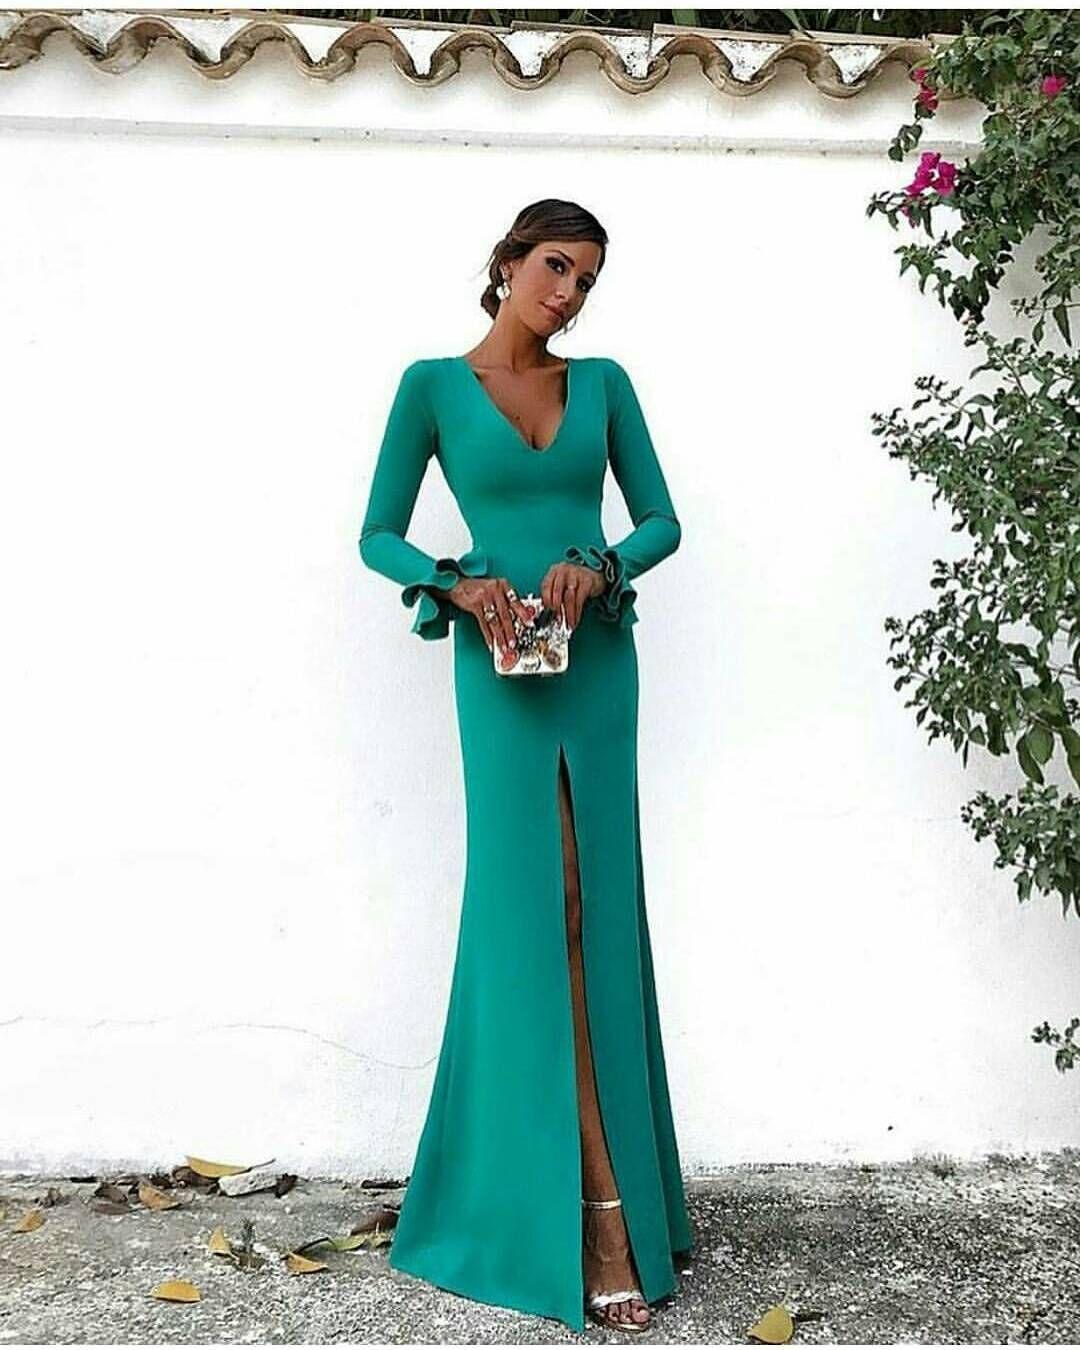 Pin de Lucy Parra en Moda | Pinterest | Vestiditos, Beautiful y Boda